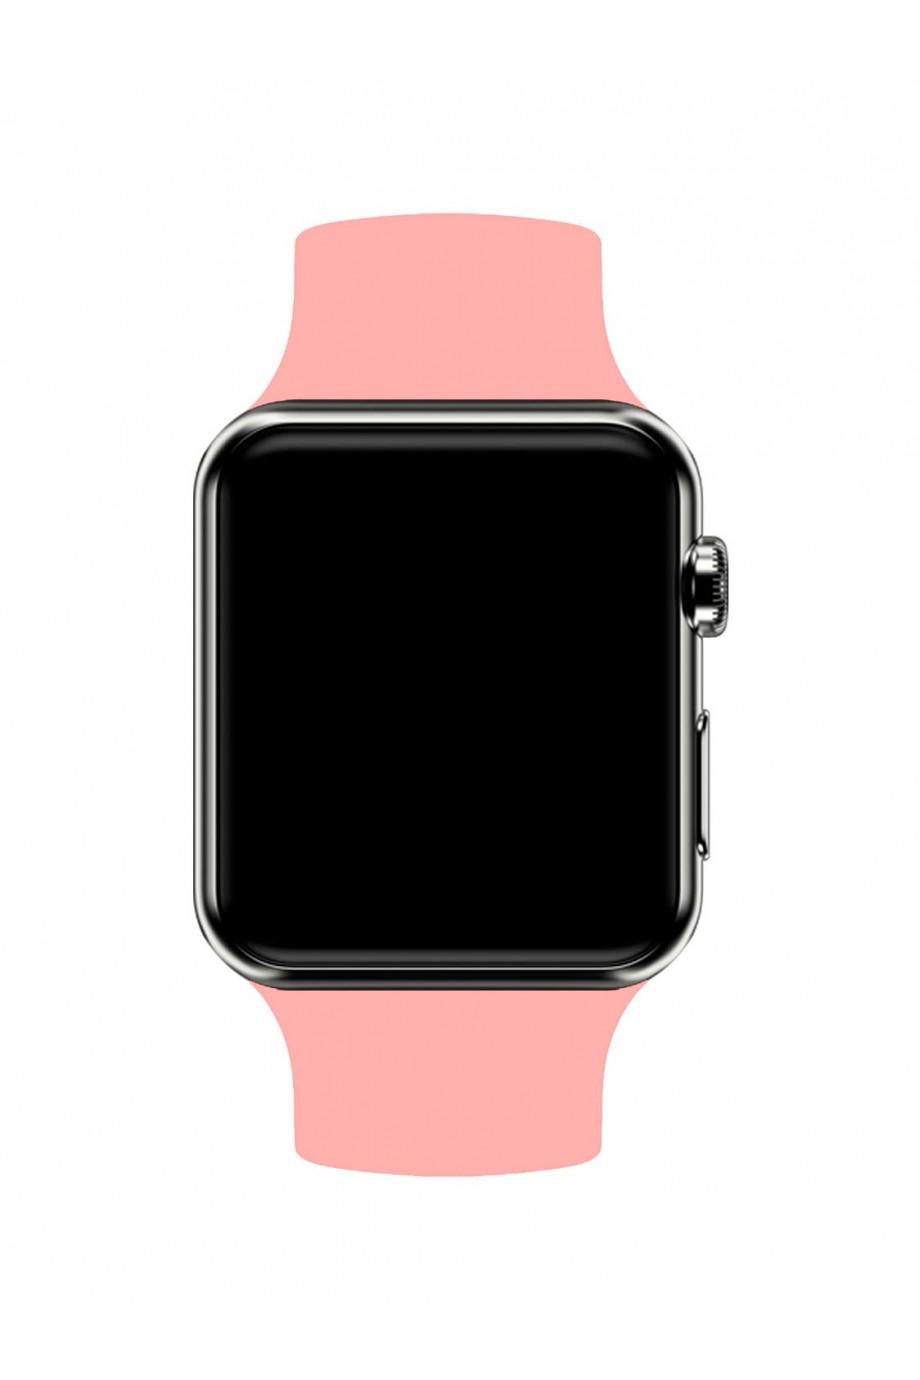 Силиконовый ремешок для Apple Watch 4/5 44 мм, розовый